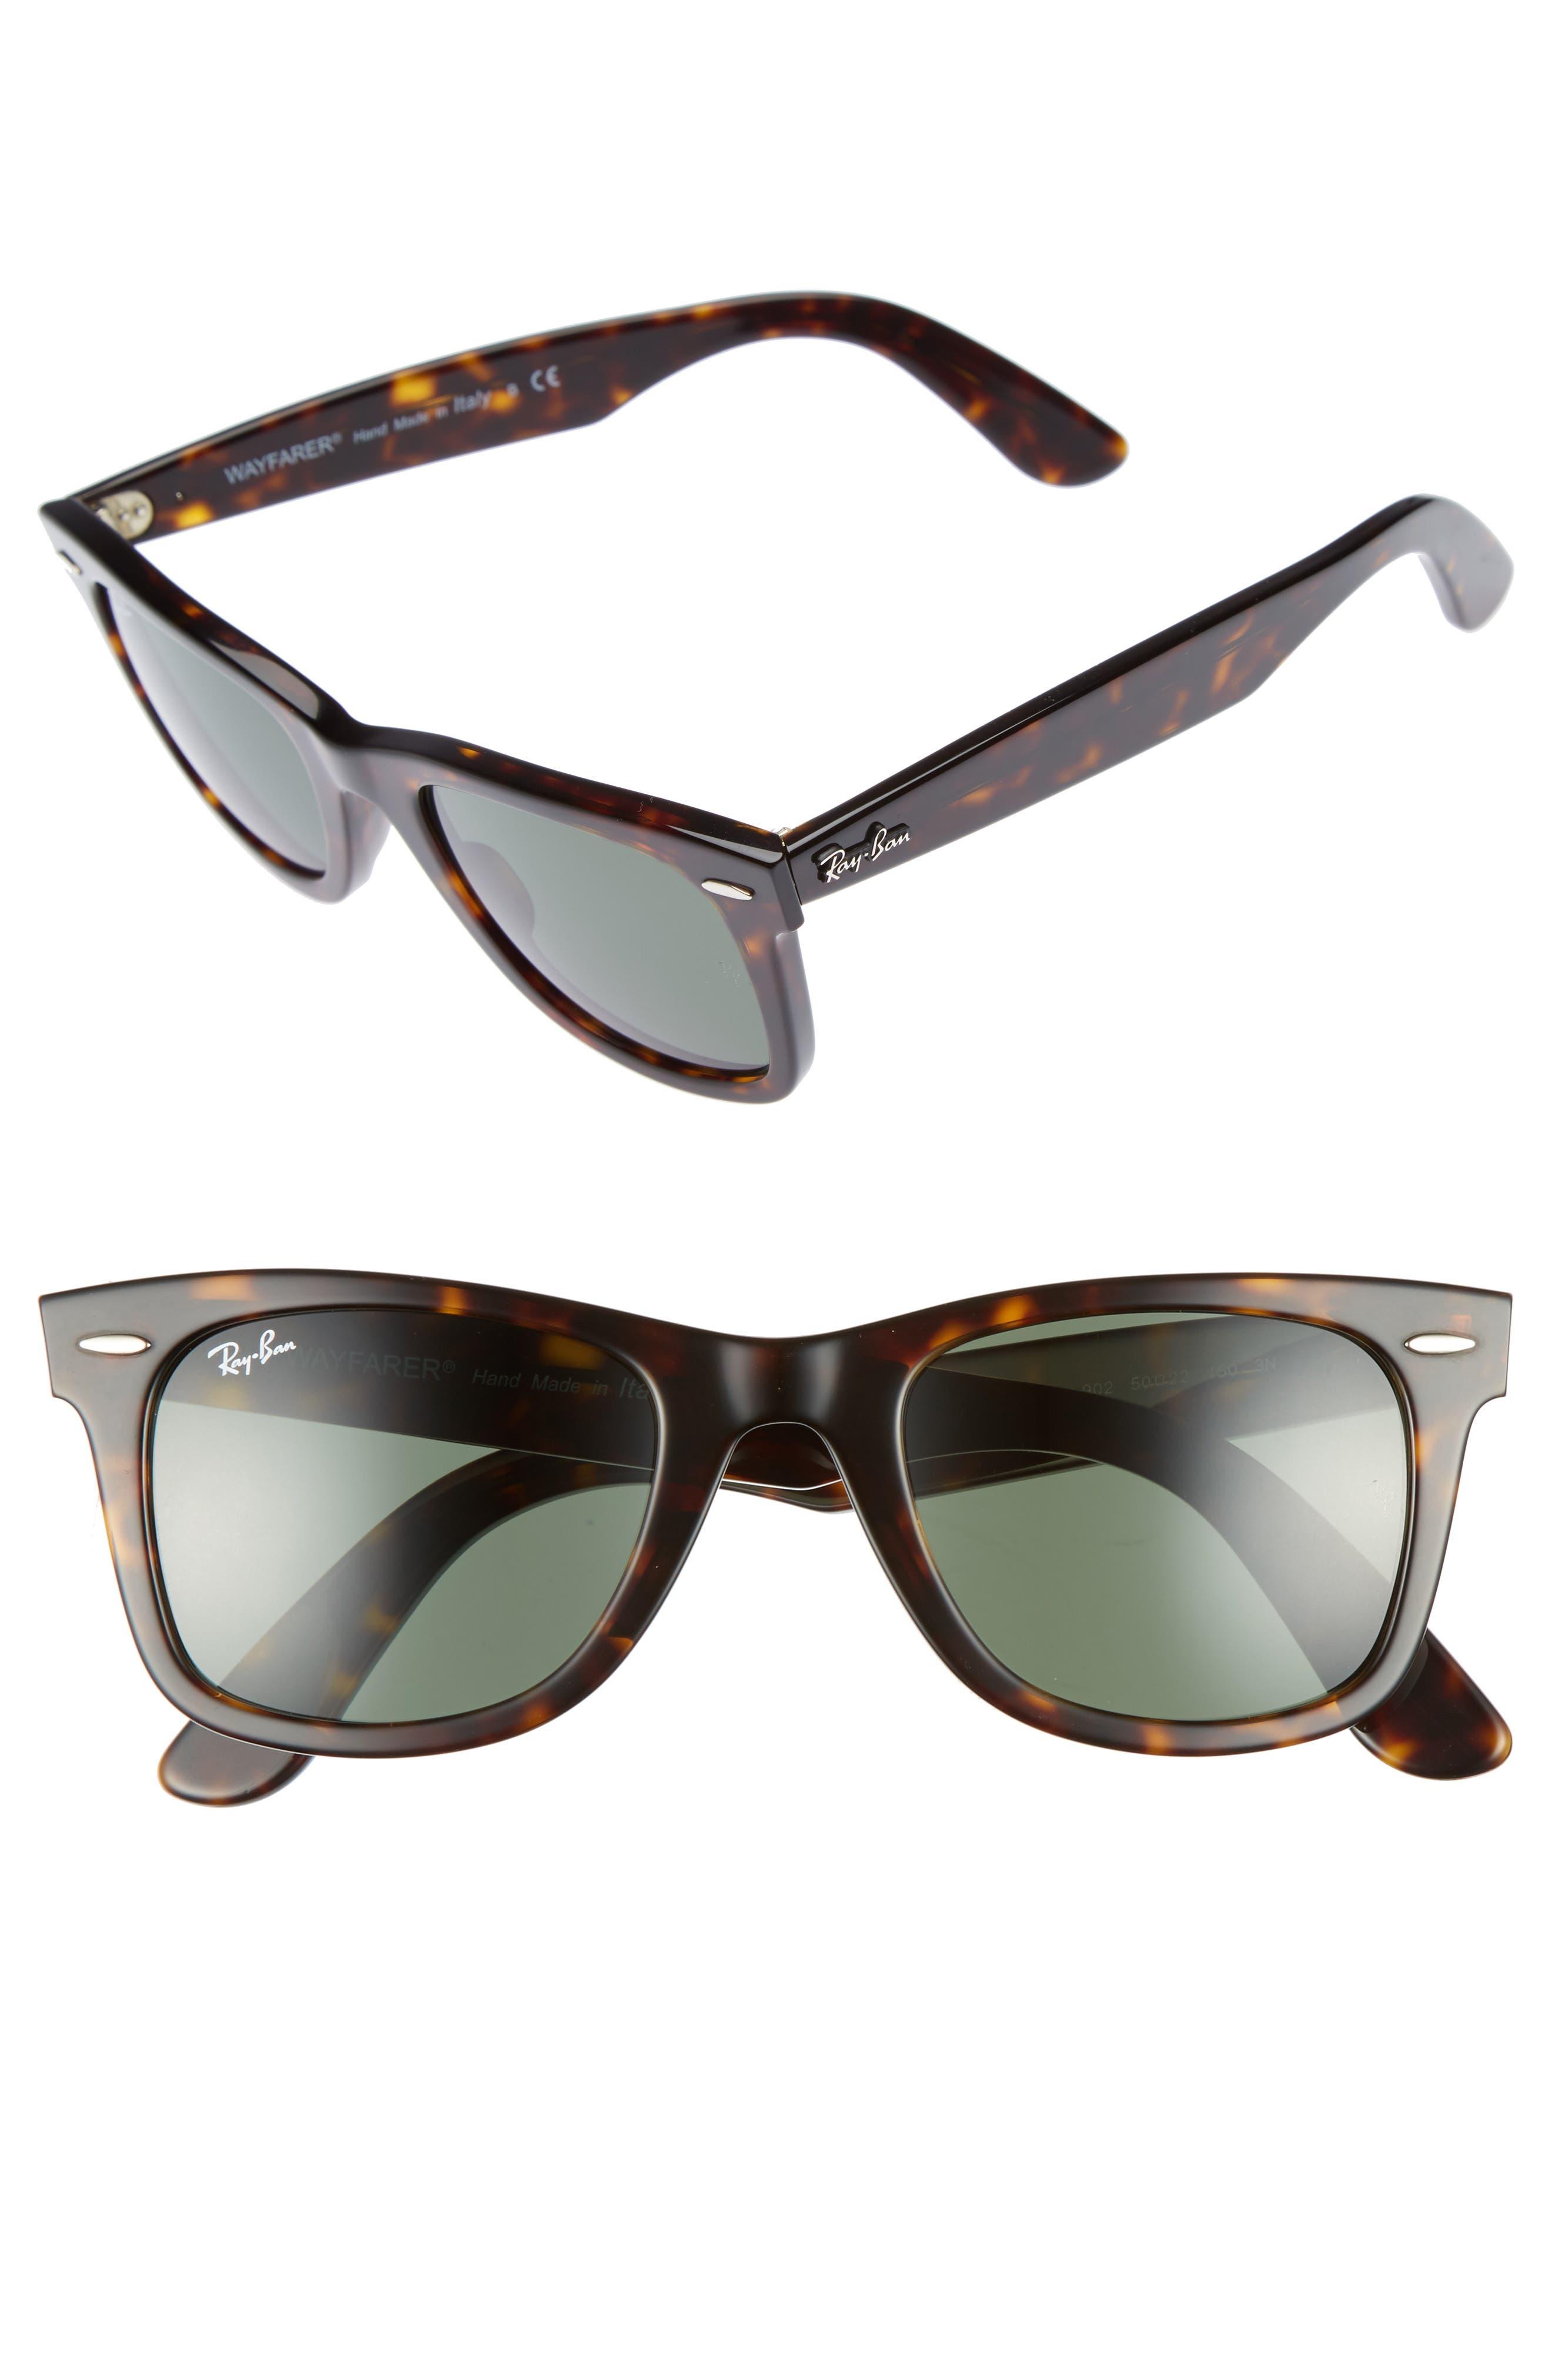 3795f0fcf9 ... australia ray ban classic wayfarer 50mm sunglasses 79f45 1d99e ...